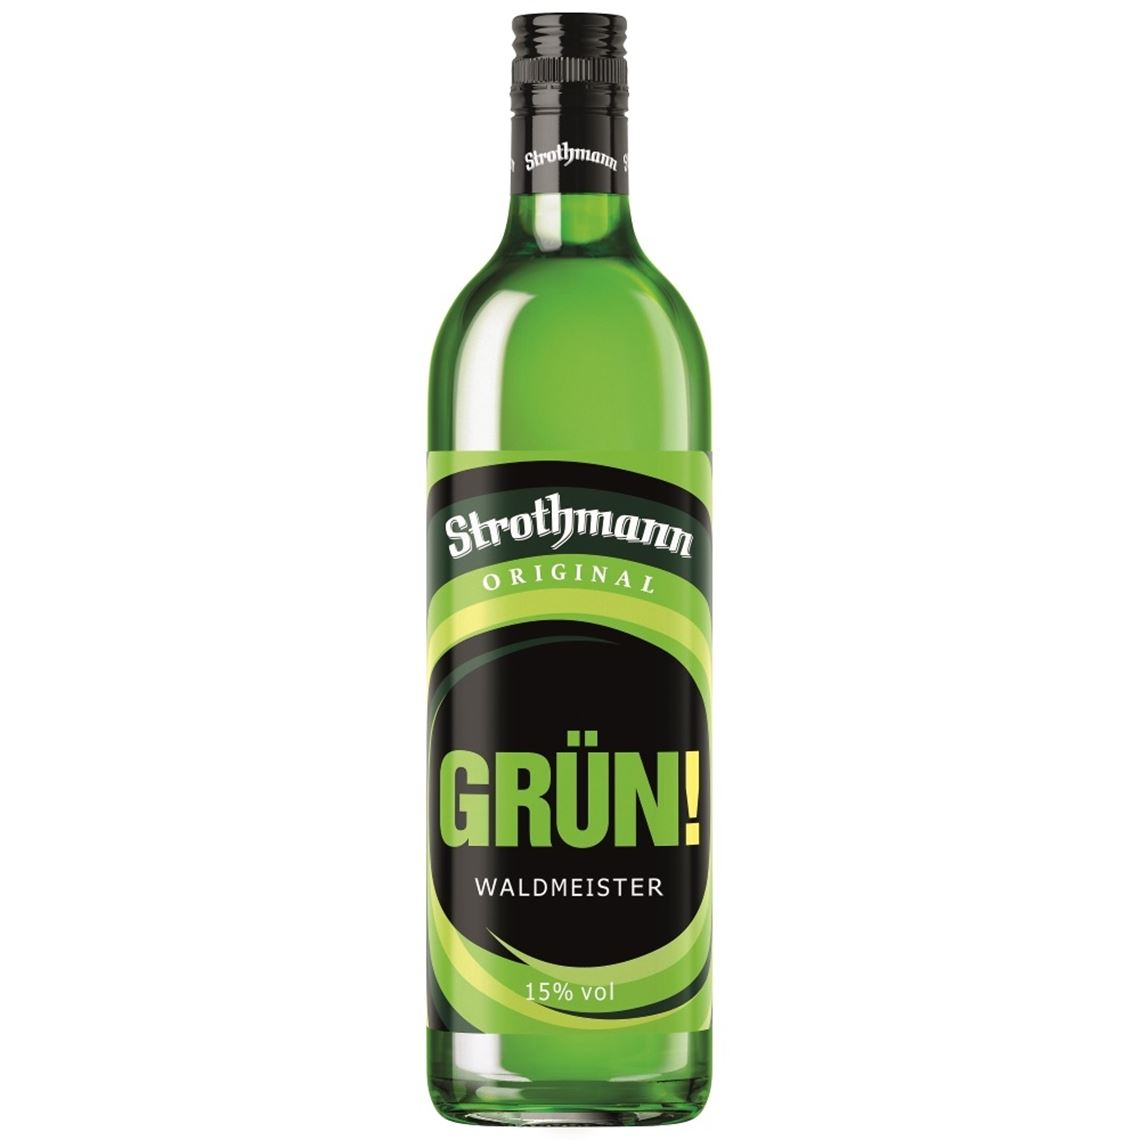 Strothmann Waldmeister 15%